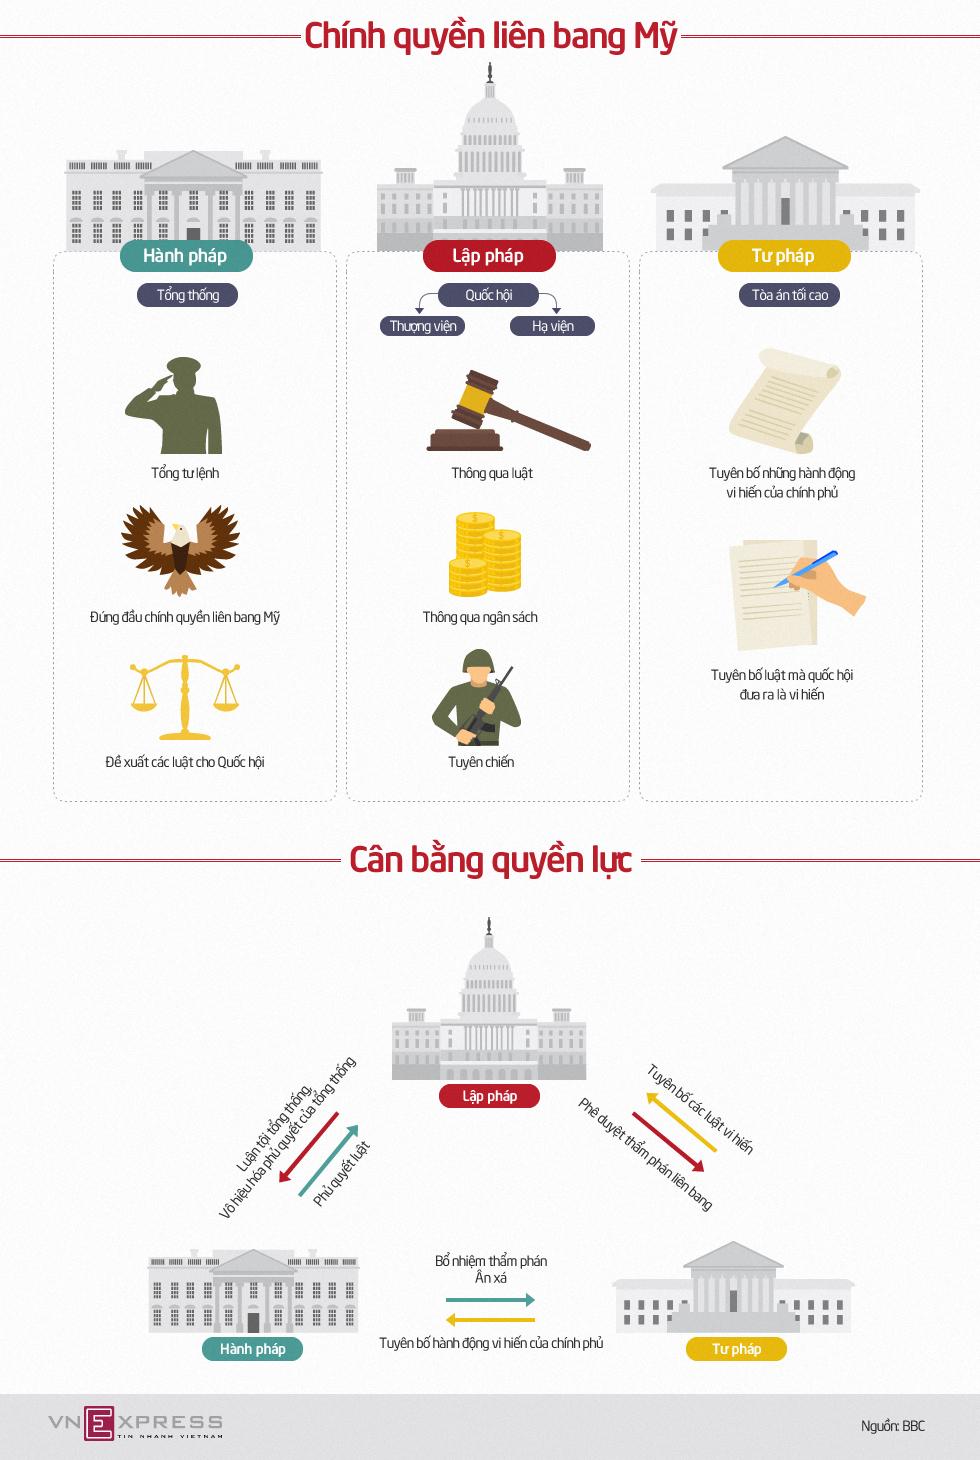 Mô hình tam quyền phân lập trong chính quyền liên bang Mỹ